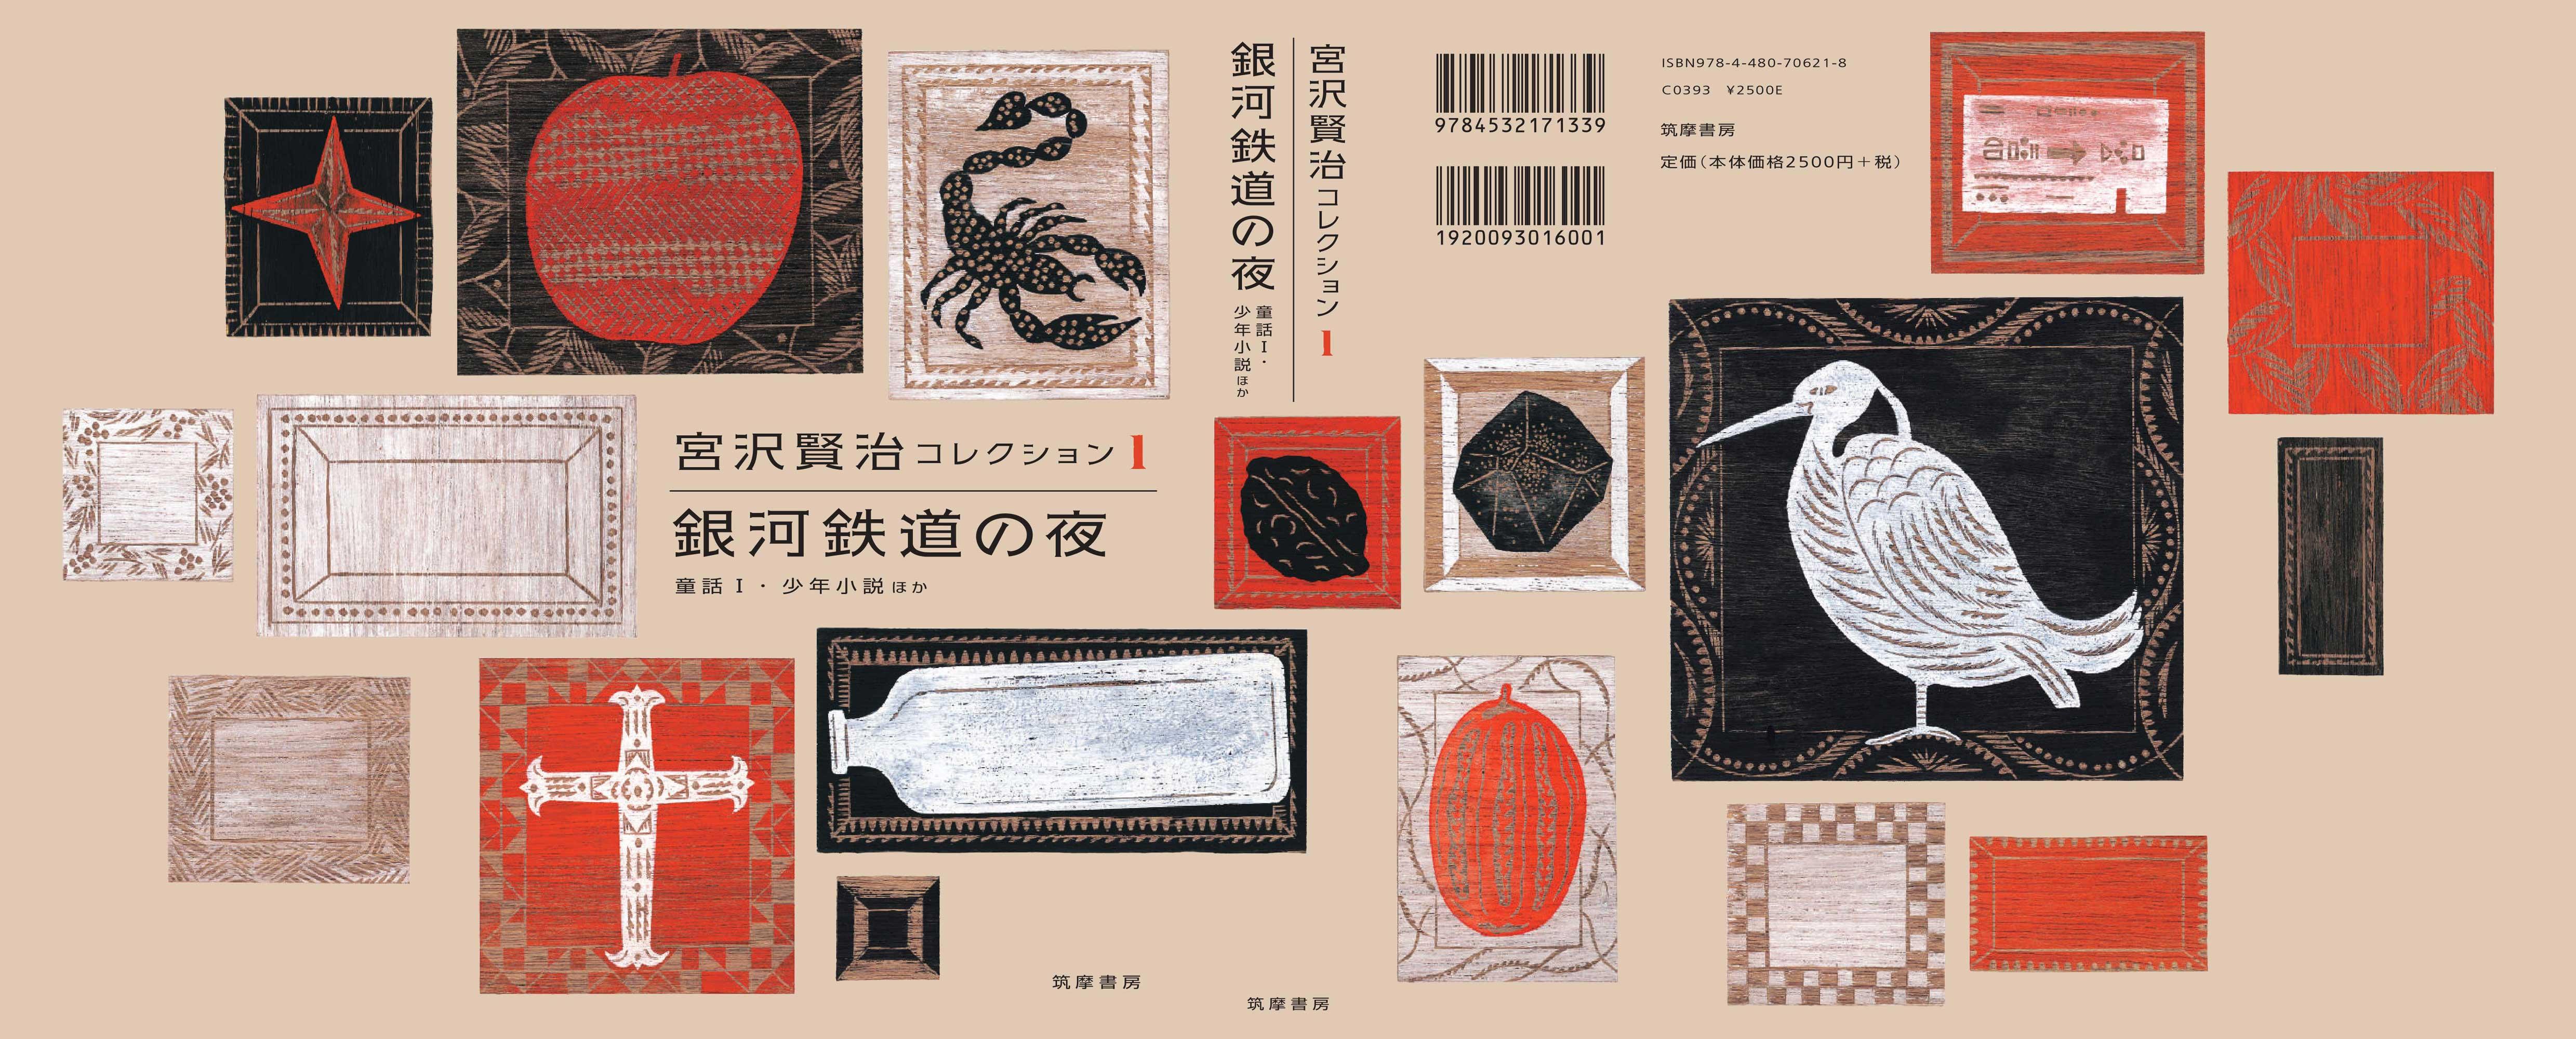 HiromiChikai_025